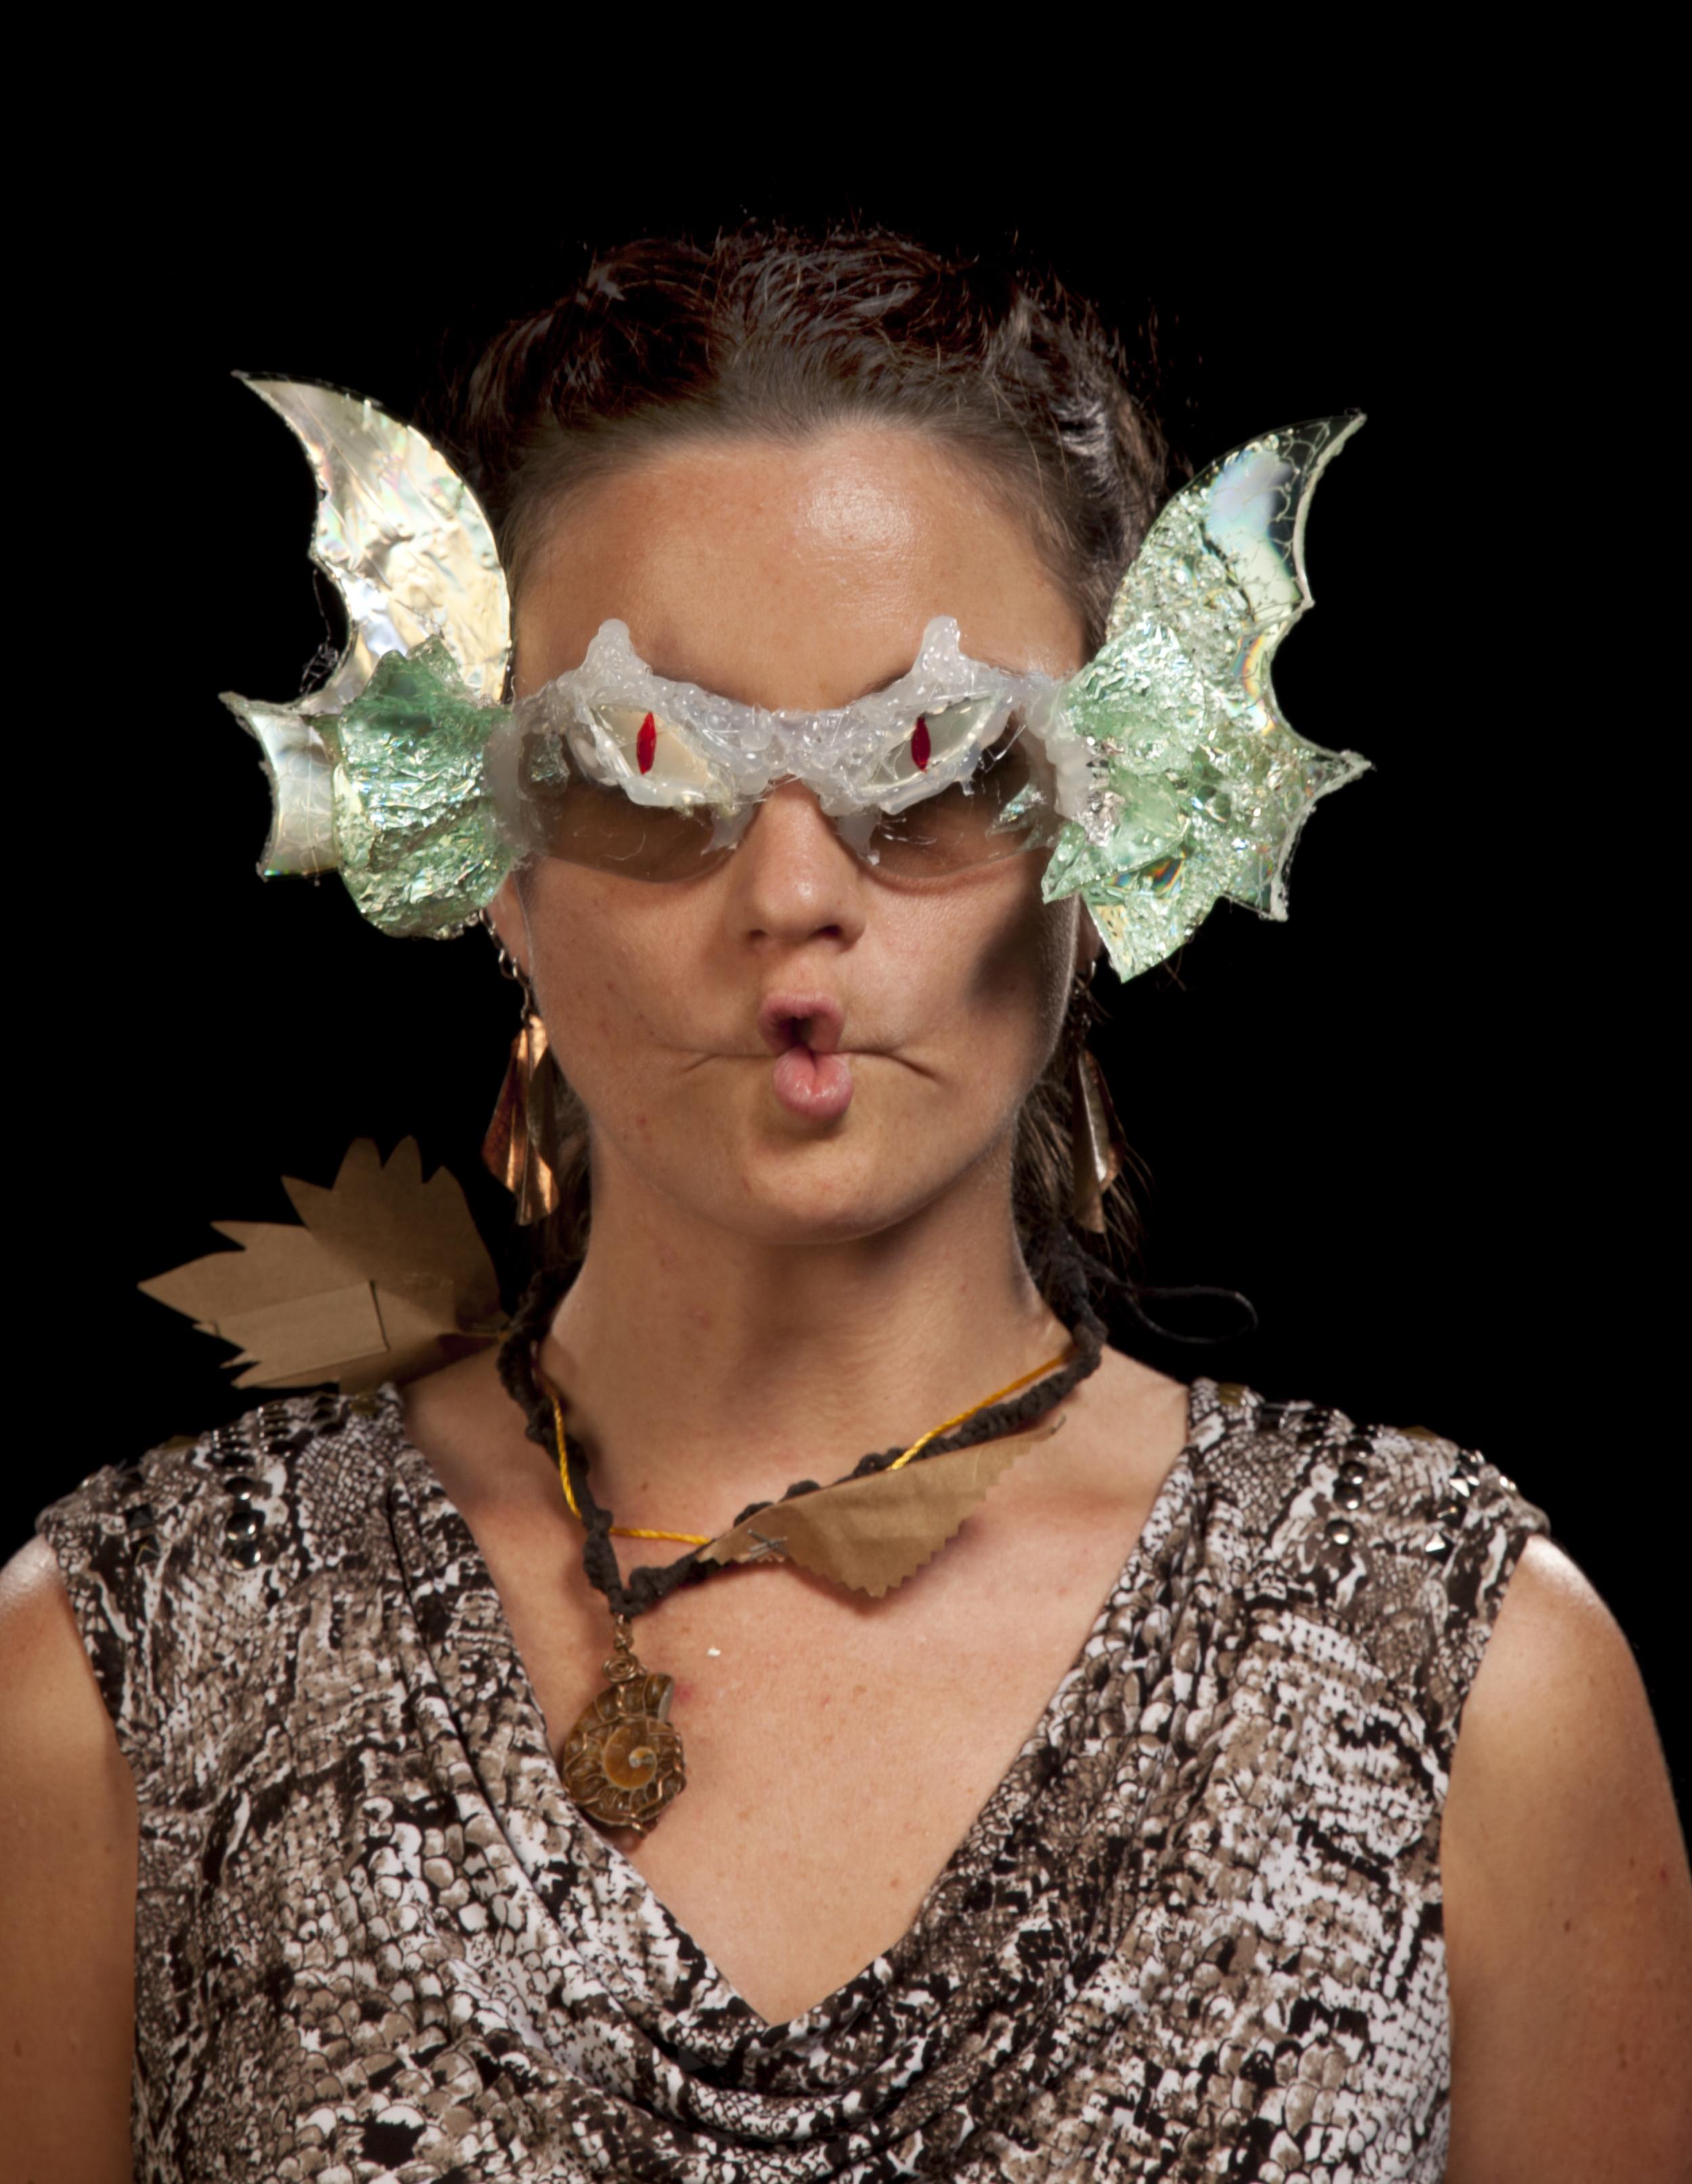 green winged glasses, brown earringsIMG_4291.jpg